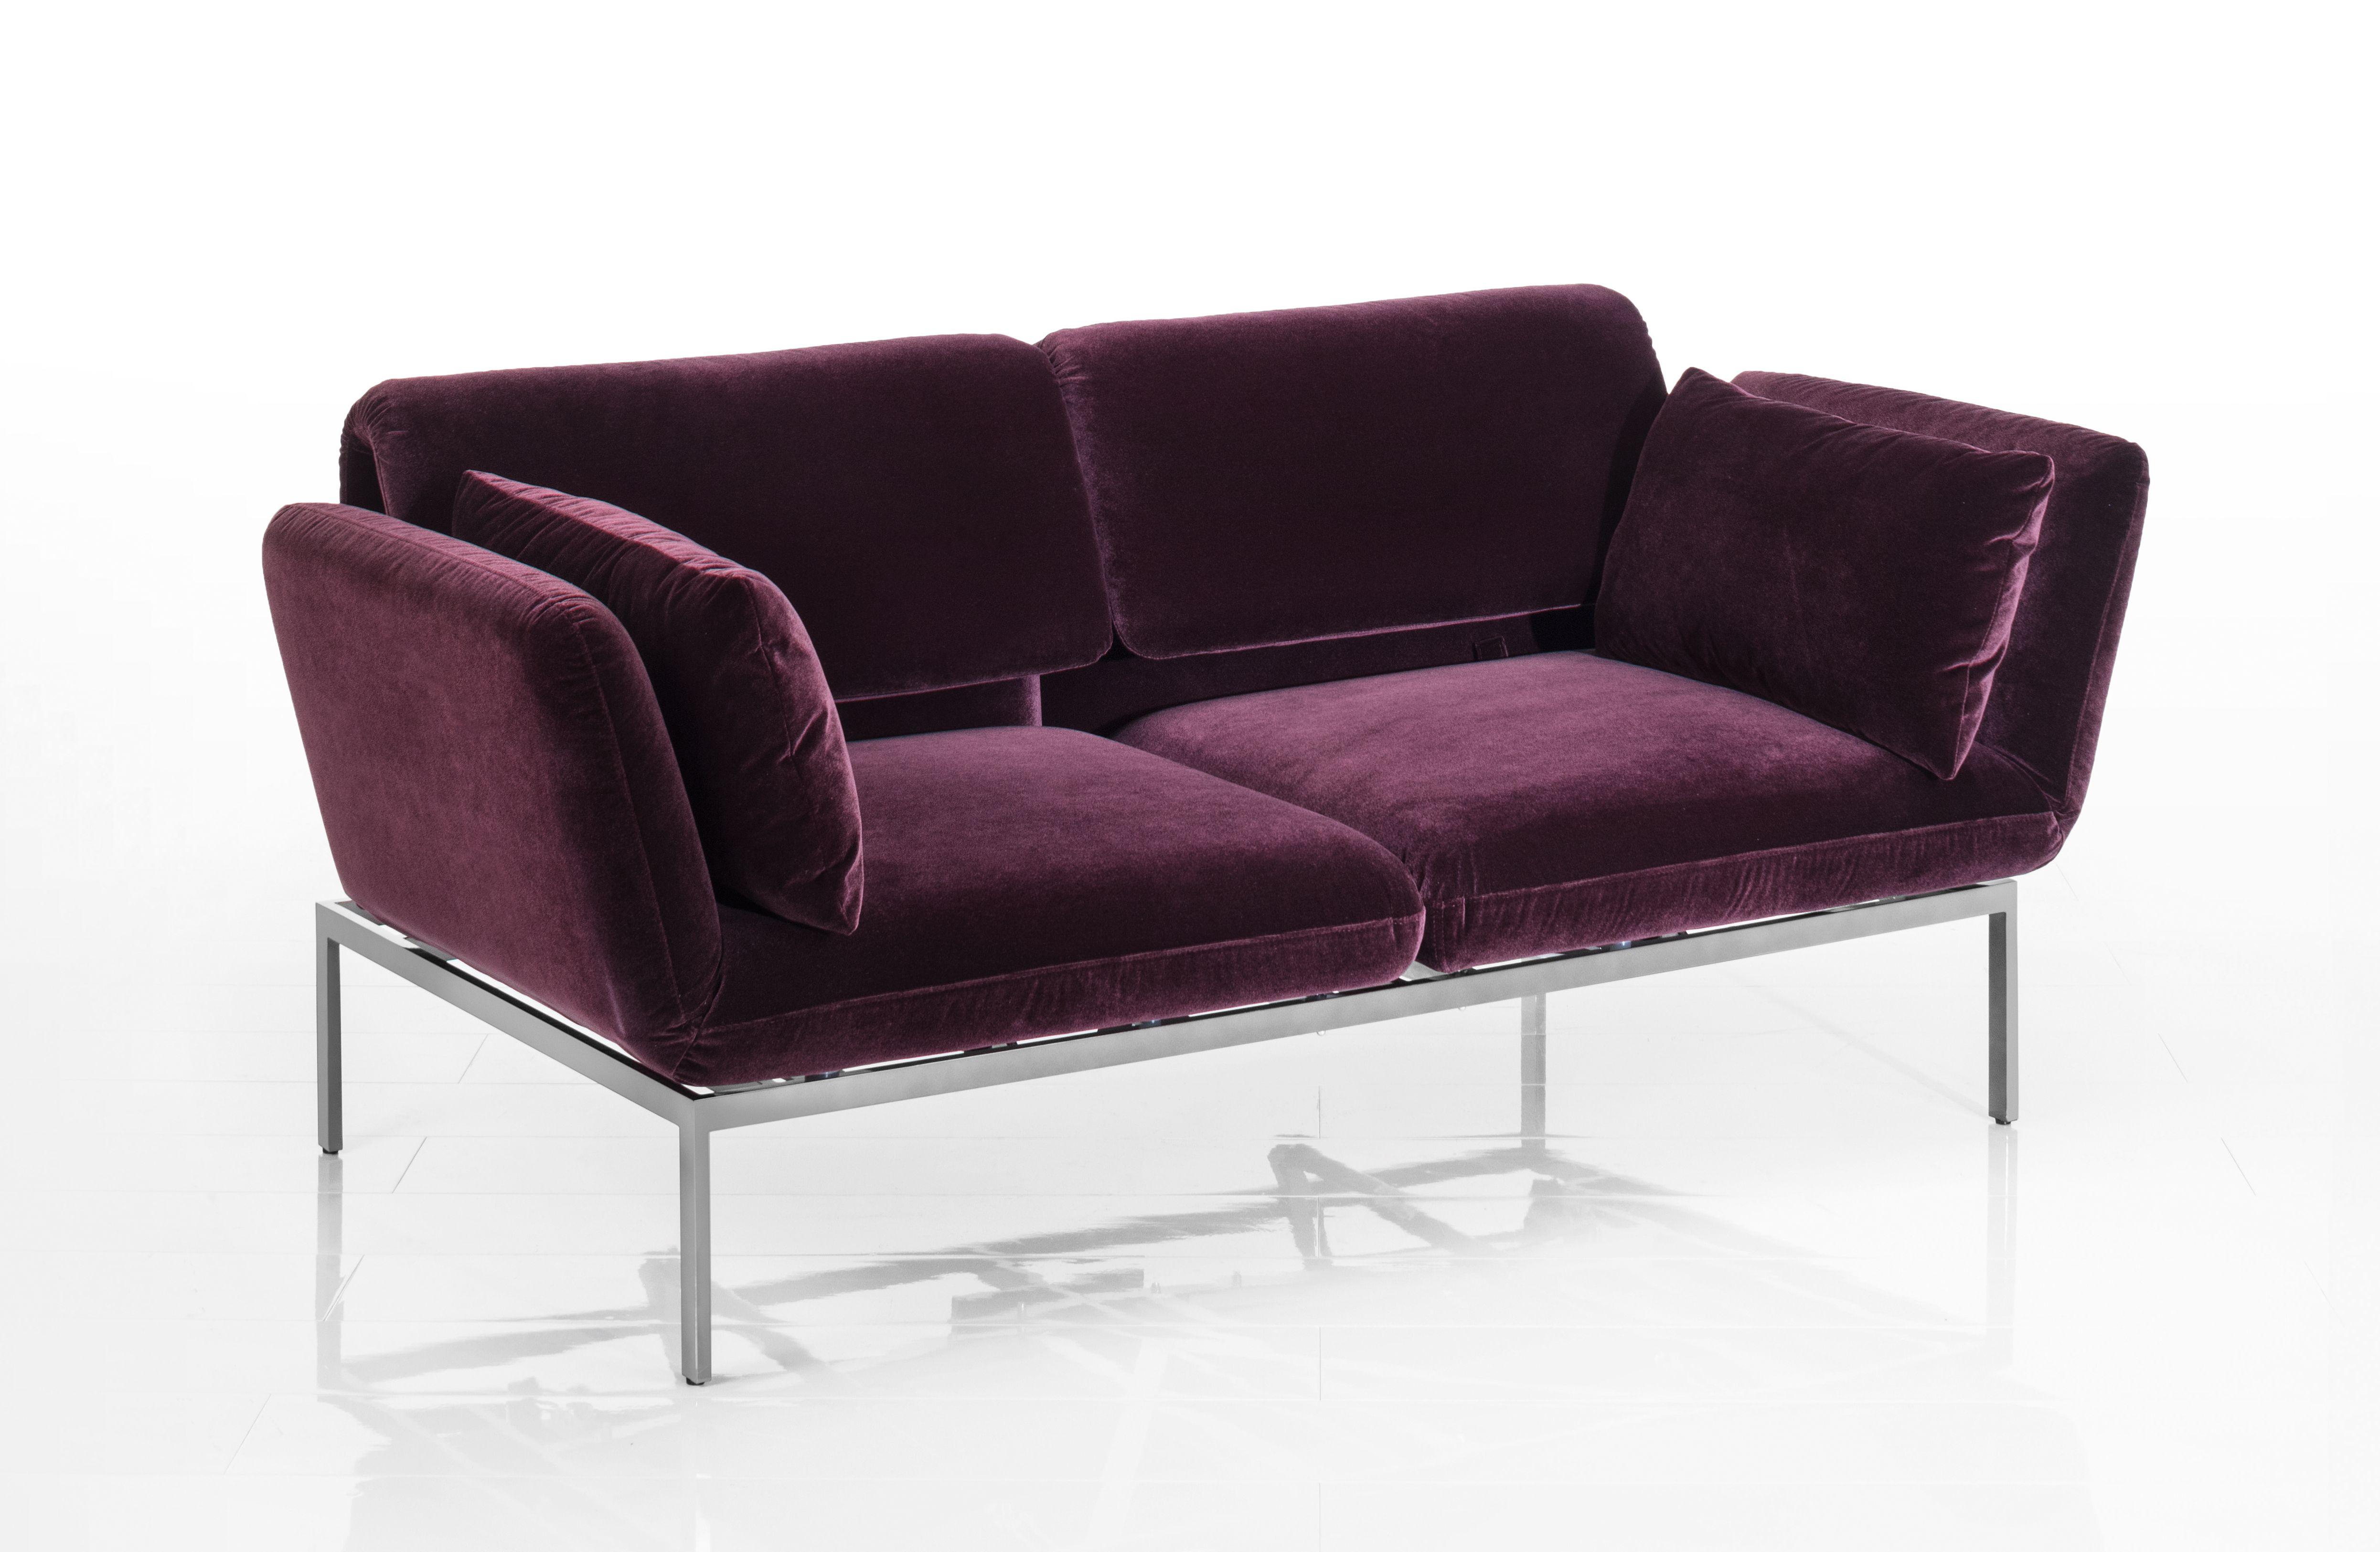 Entzückend Sofa Mit Funktion Galerie Von Das Roro Von Brühl - Neue Maßstäbe